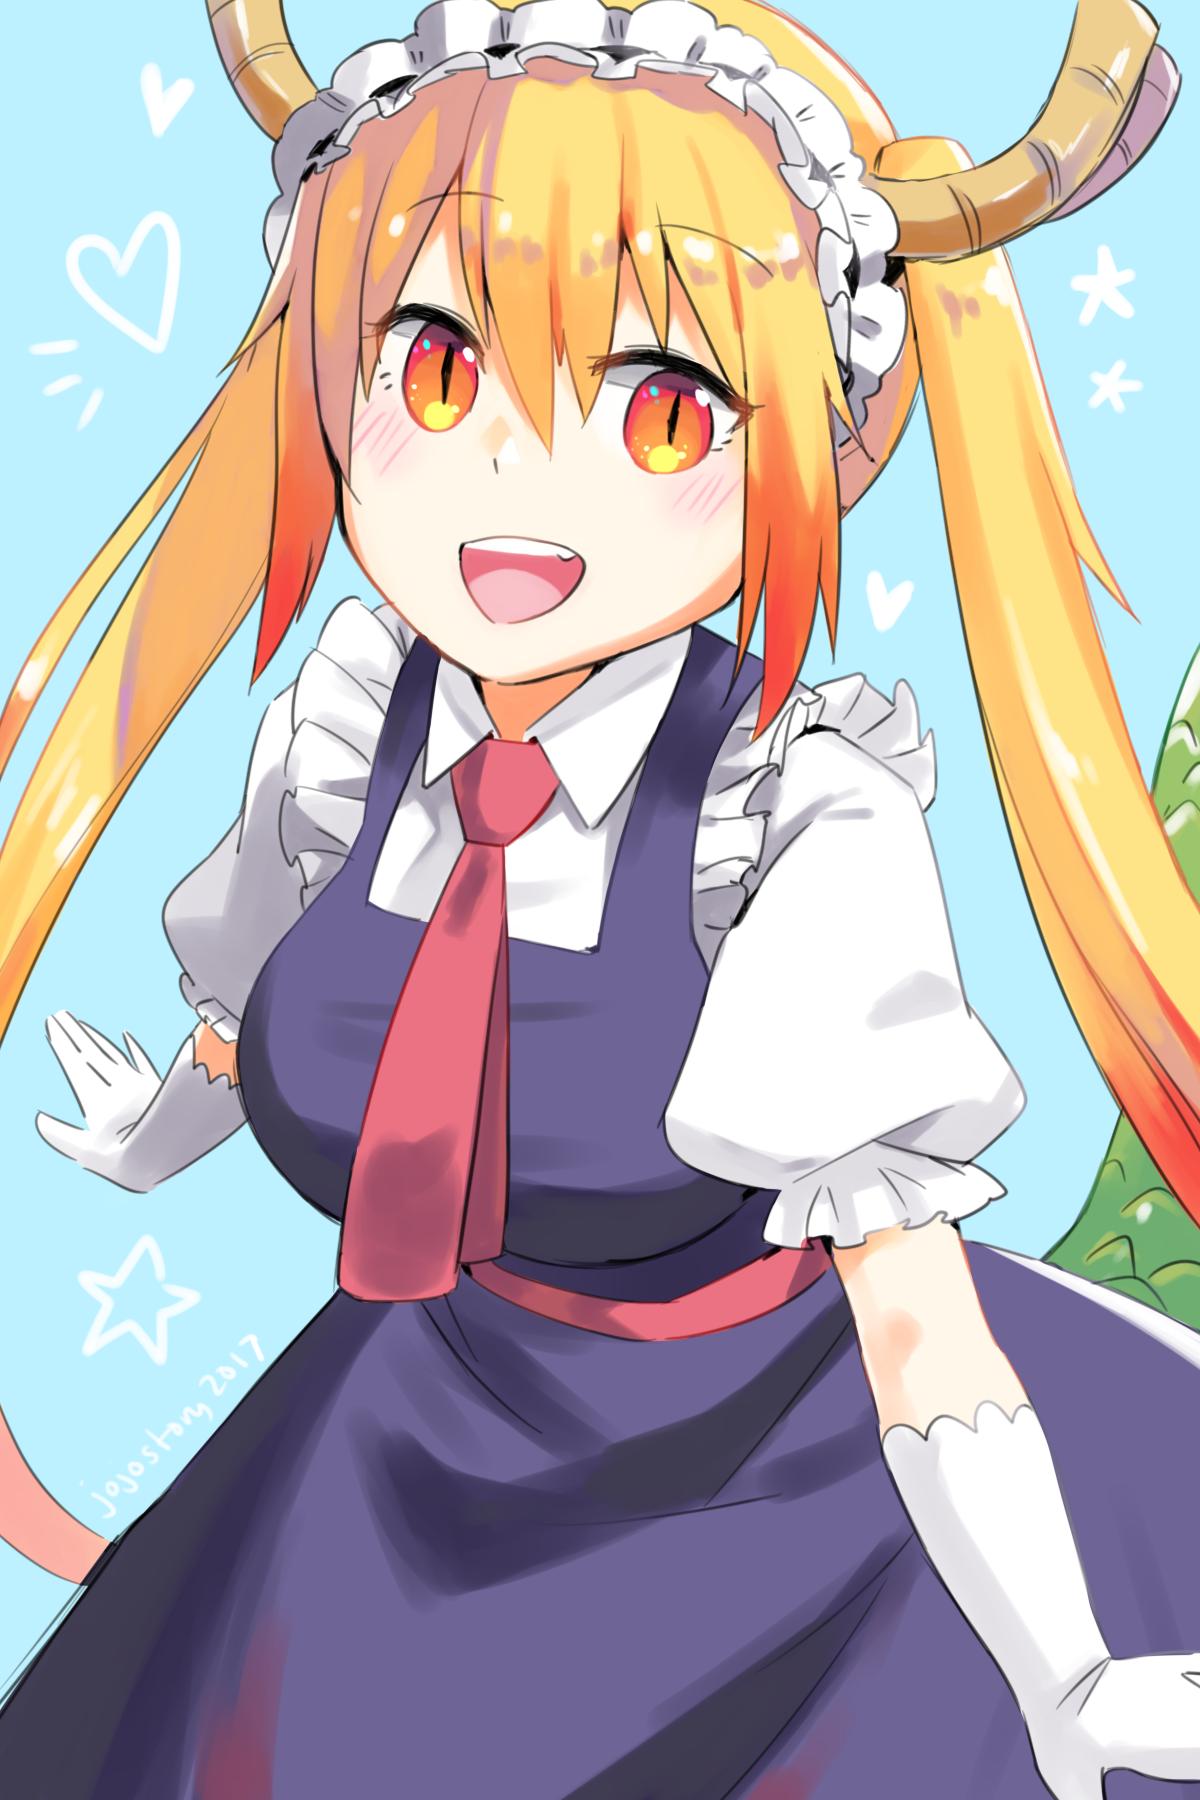 Chikan videos happy hentai